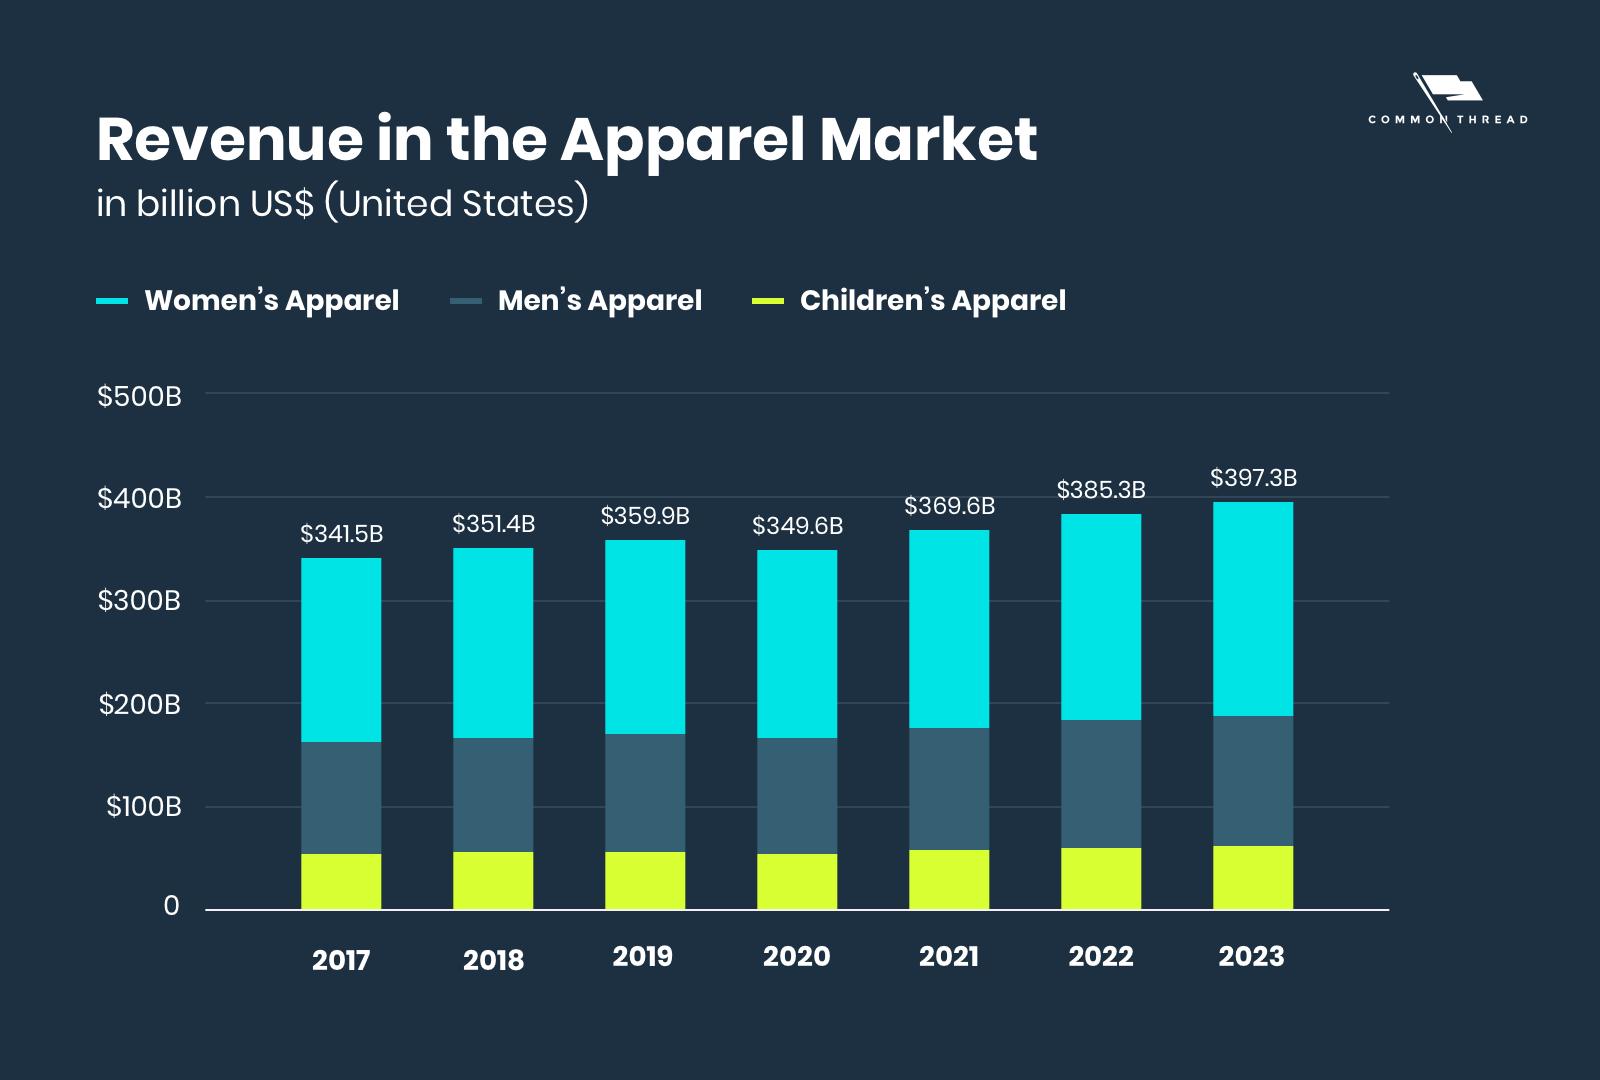 Revenue in the apparel market